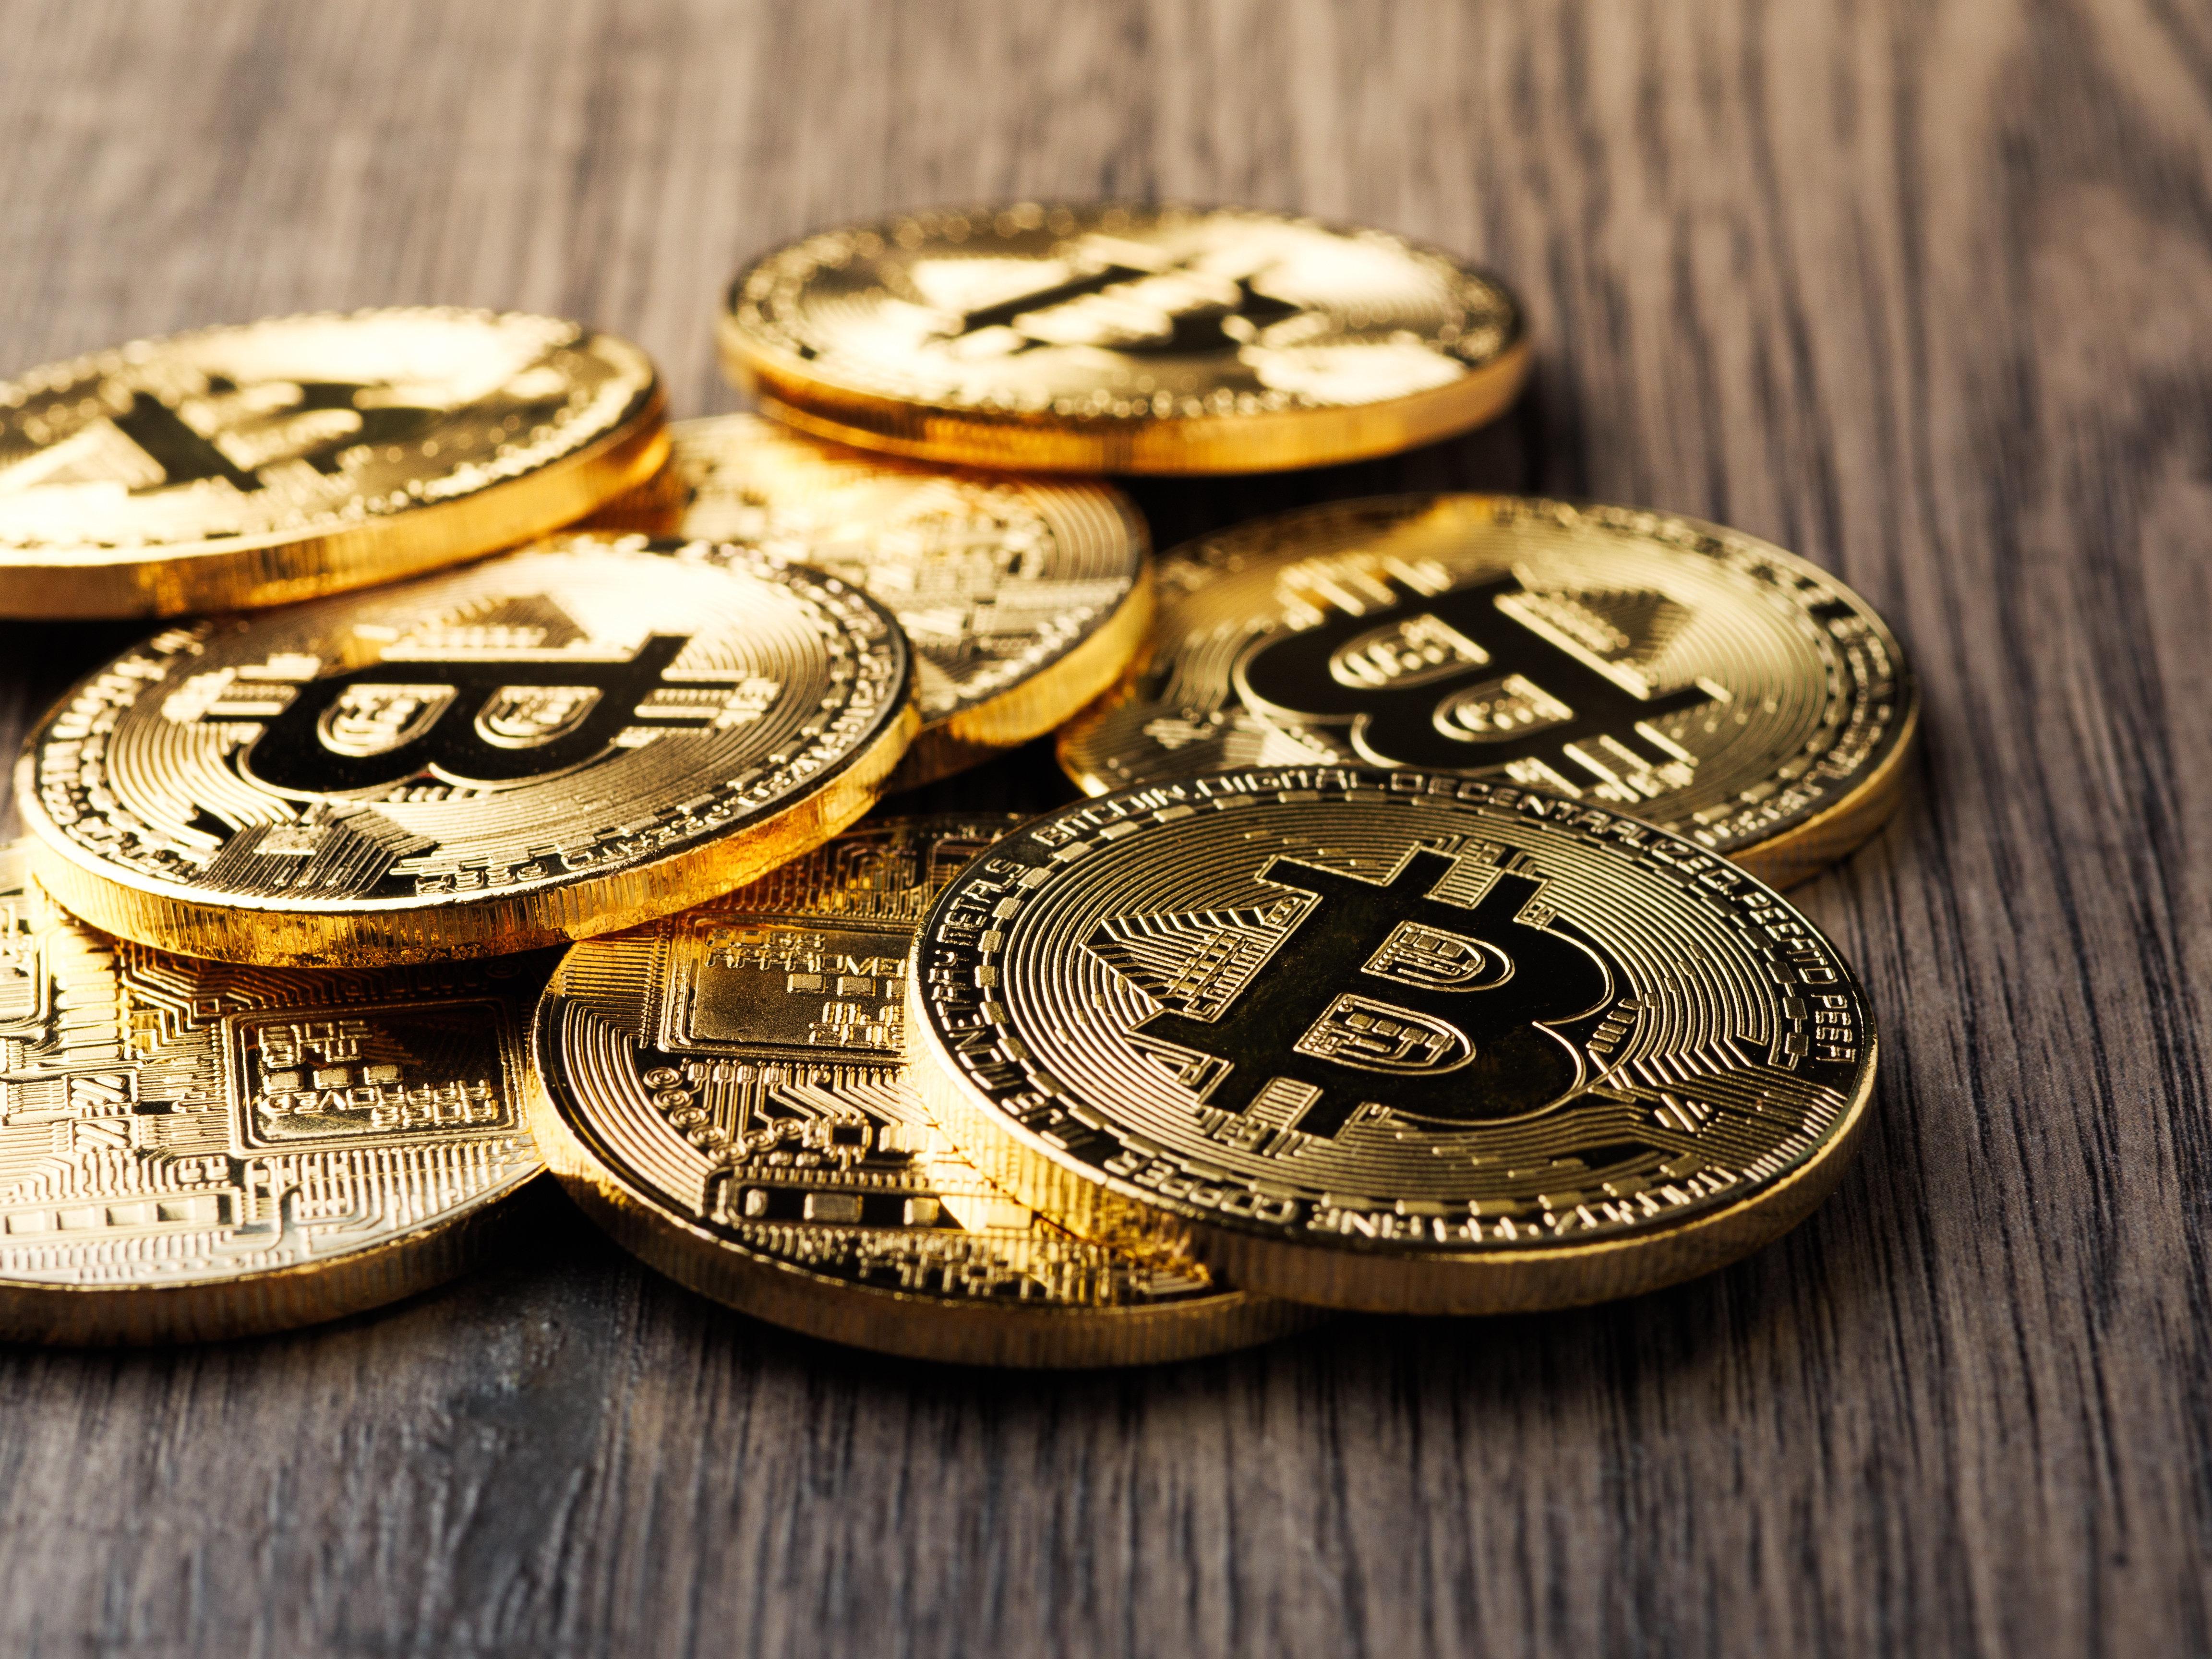 La Tunisie veut devenir le premier pays à émettre des obligations souveraines en Bitcoin selon The Asian